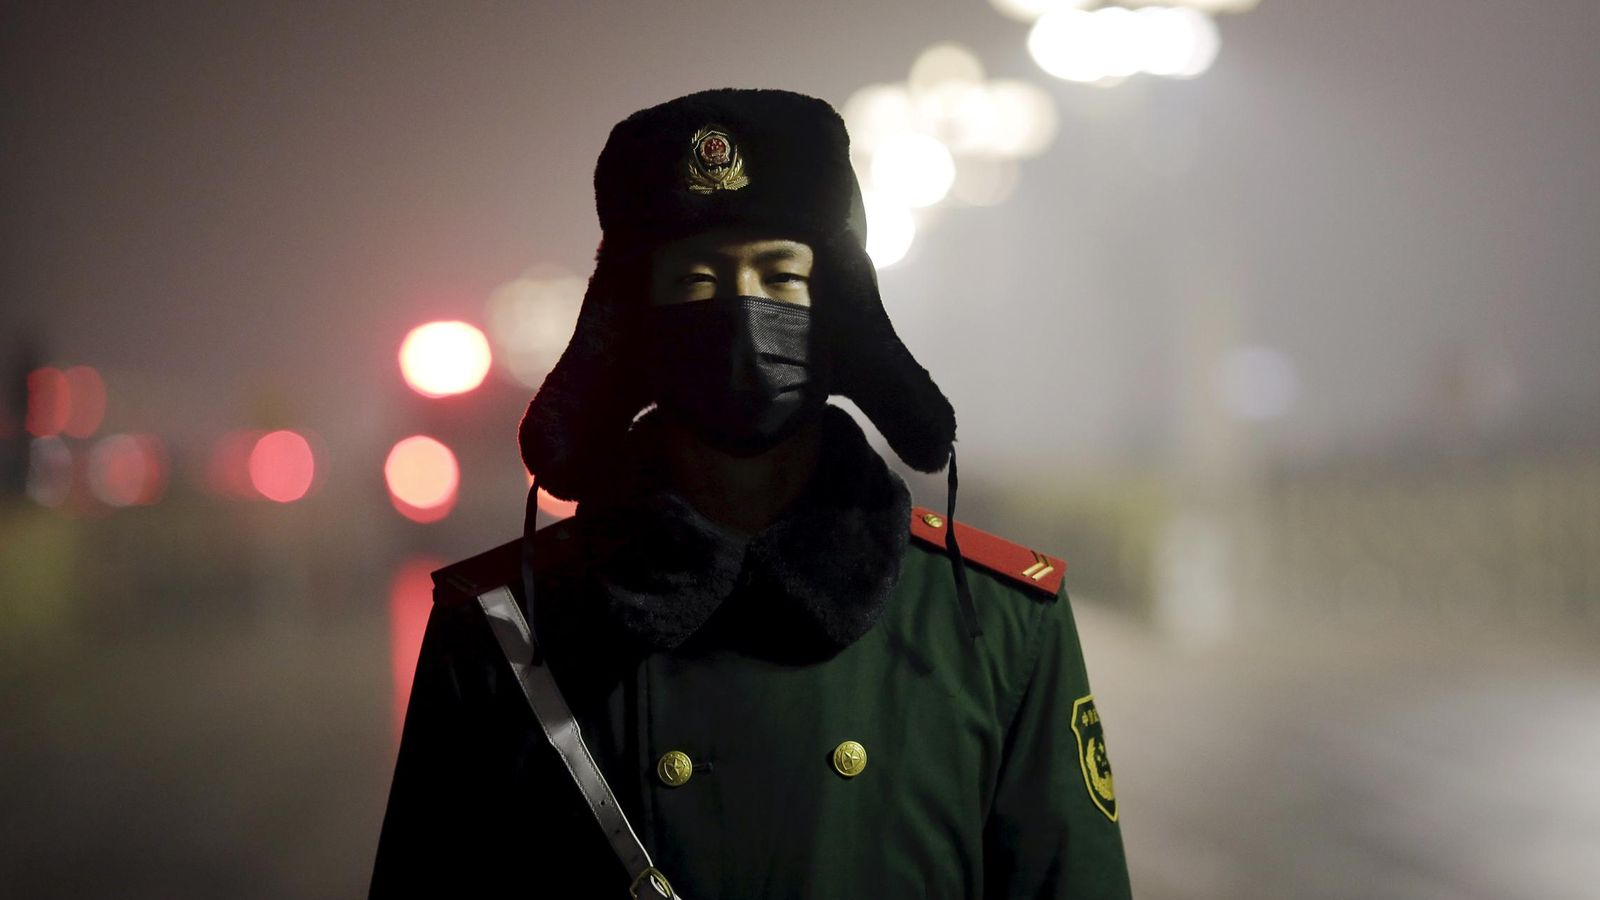 Foto: Un policía paramilitar de guardia en la Plaza de Tiananmen con una máscara en un día de alerta roja por contaminación, el 9 de diciembre de 2015 (Reuters).